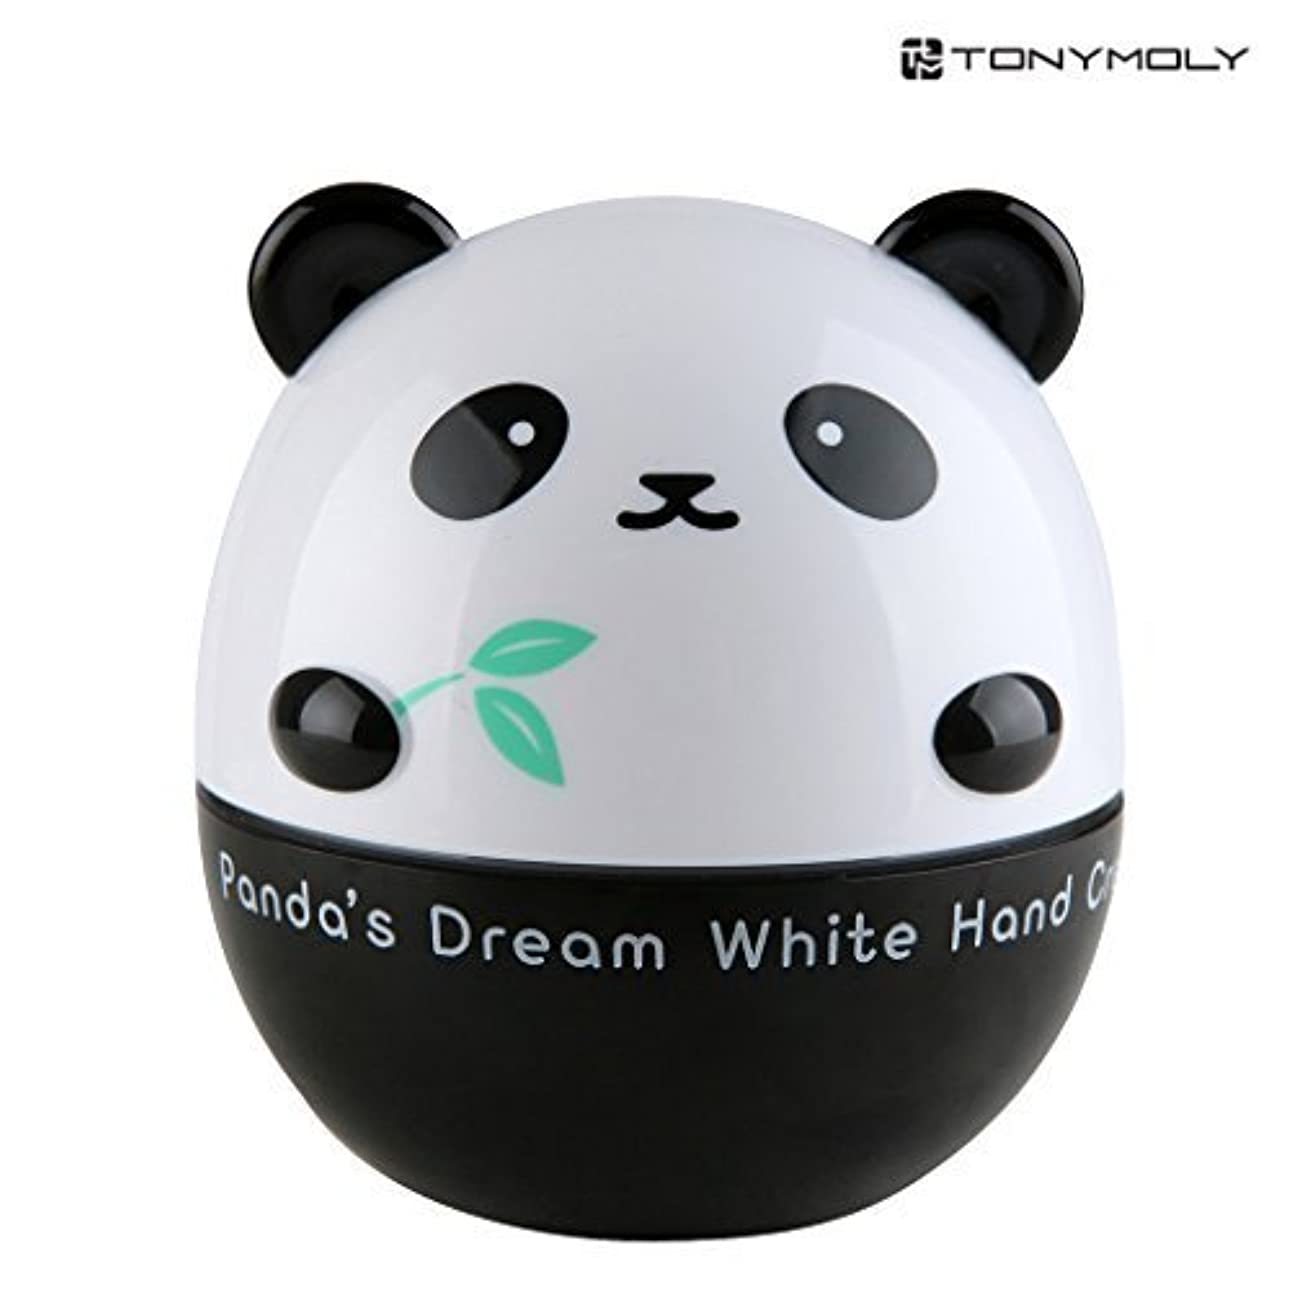 ハイライト置き場エクステントTONYMOLY Panda's Dream White Hand cream by TONYMOLY [並行輸入品]